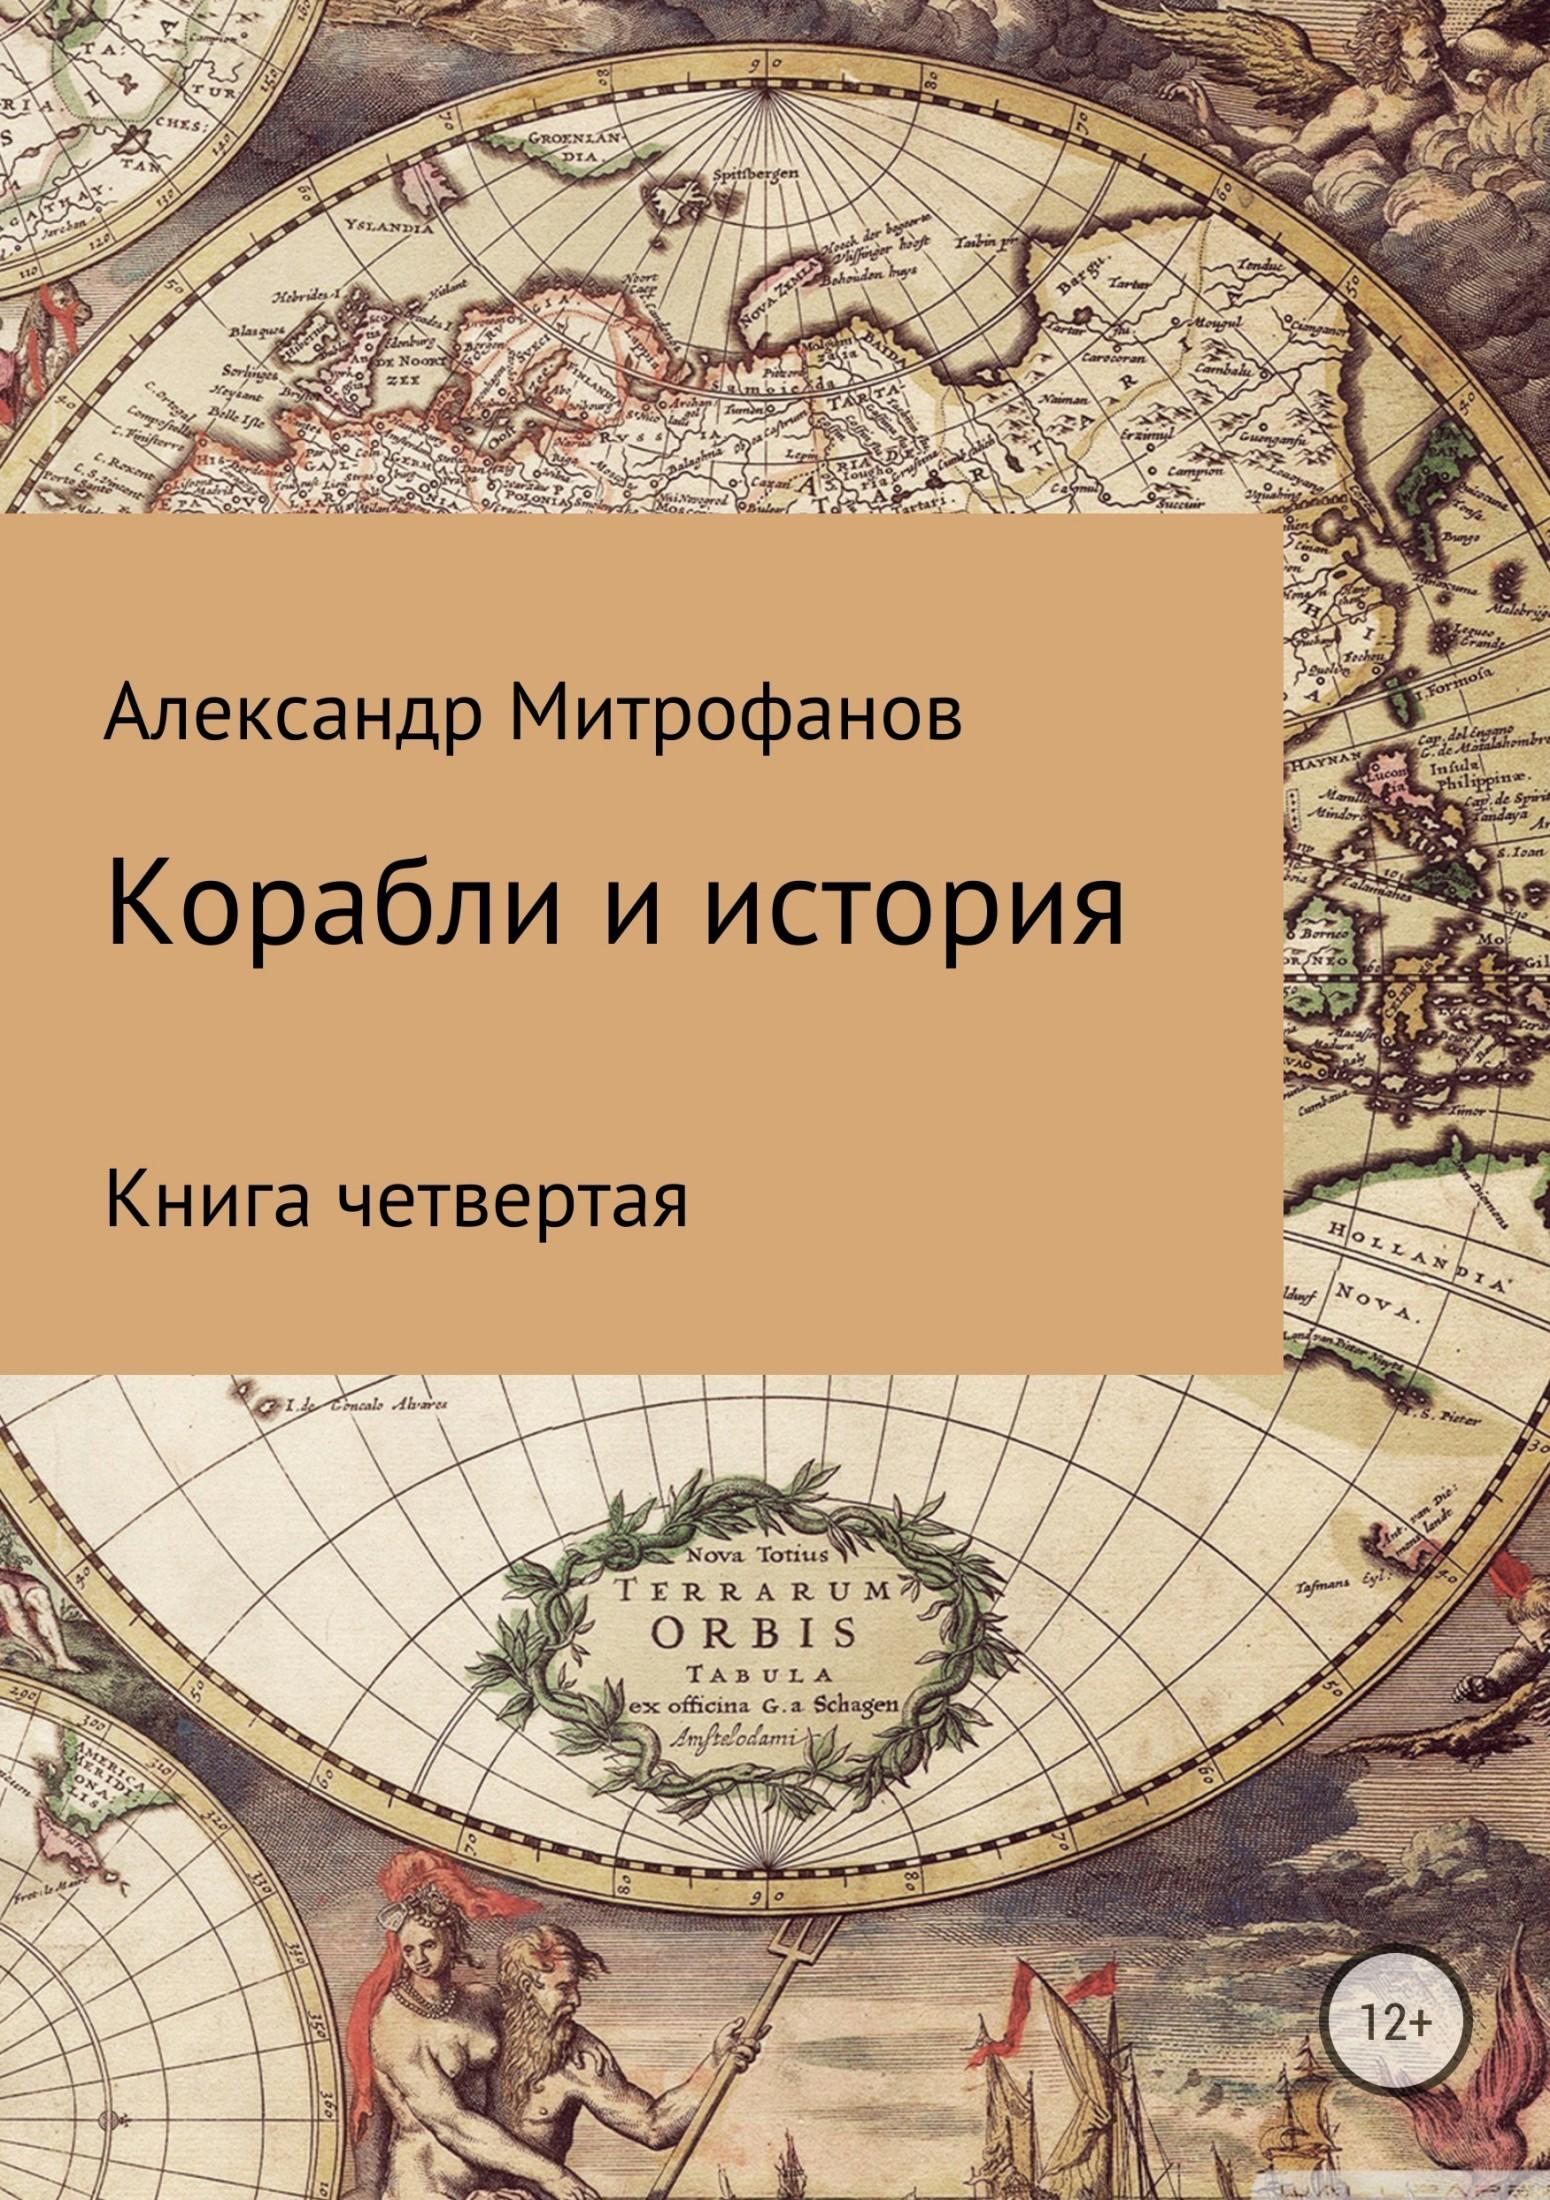 Корабли и история. Книга четвертая